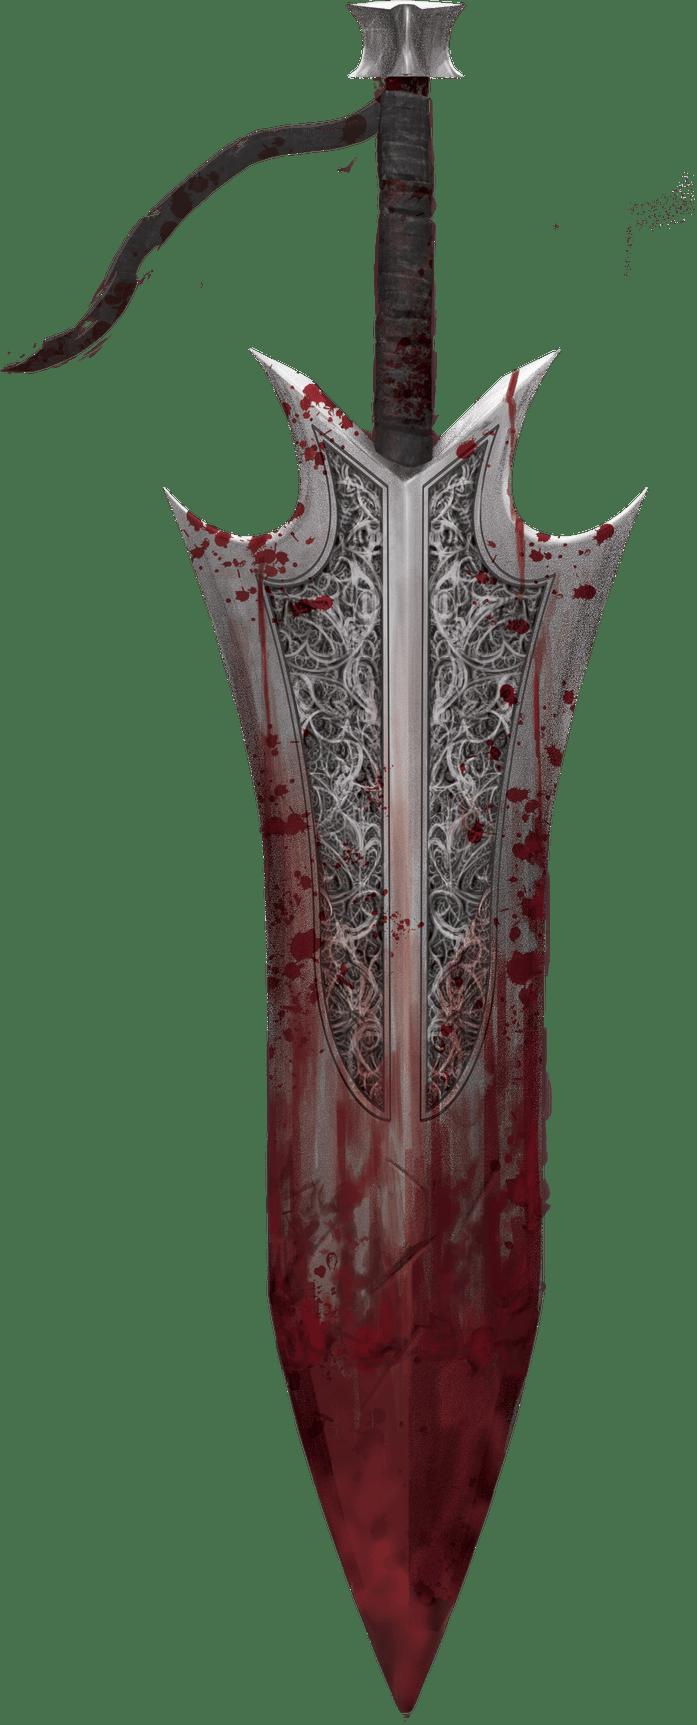 Blood Sword art by Mirko Mastrocinque